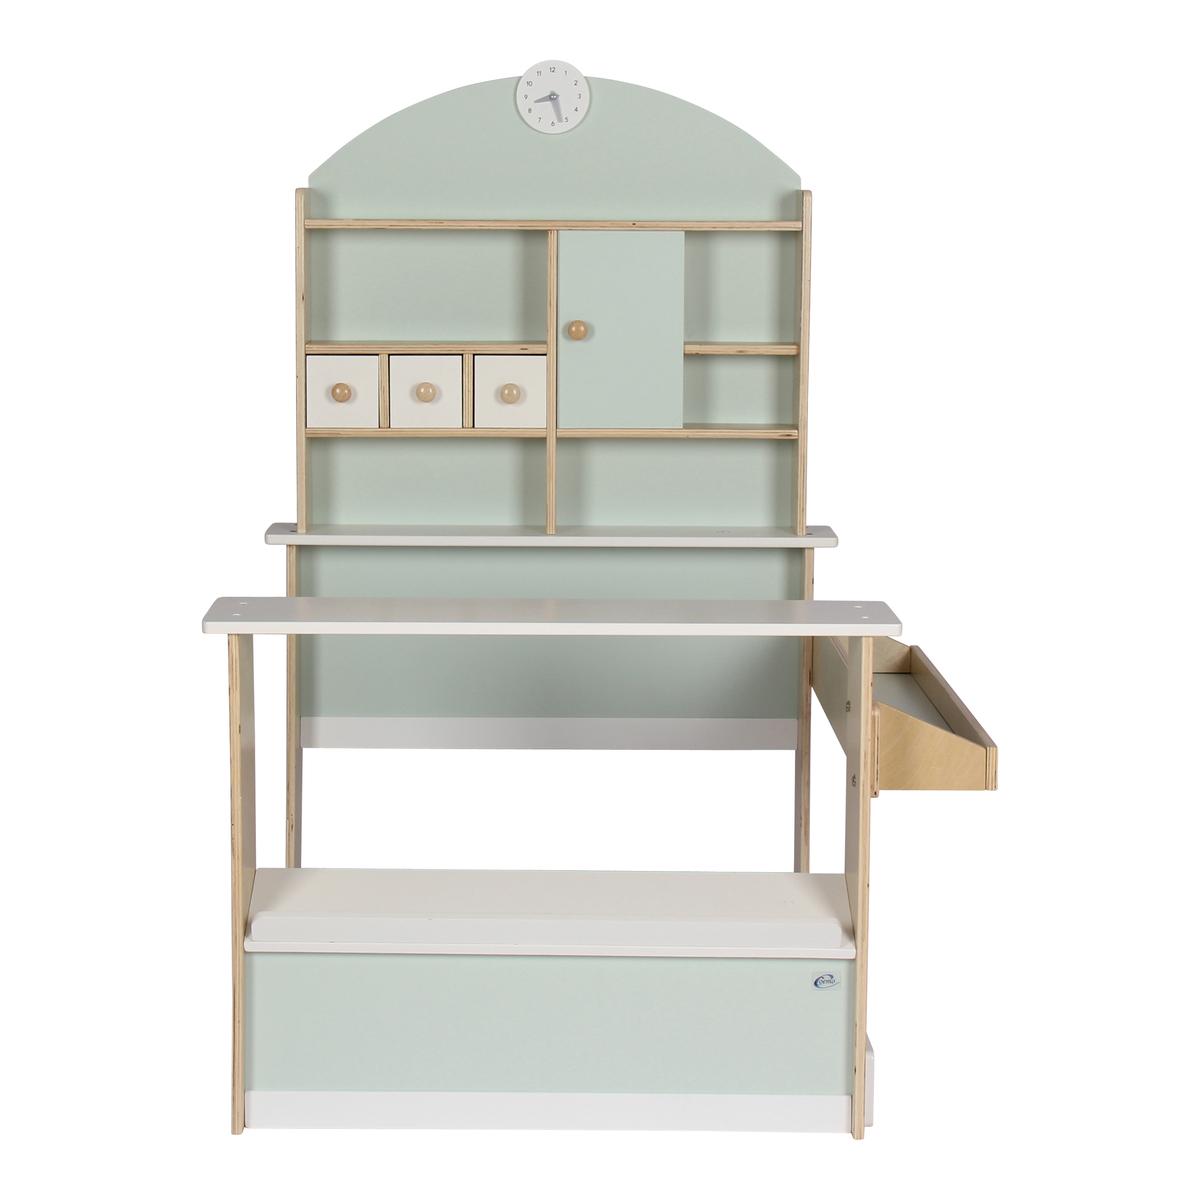 Bild 1 von Coemo Kaufladen Lilly mintgrün/weiß